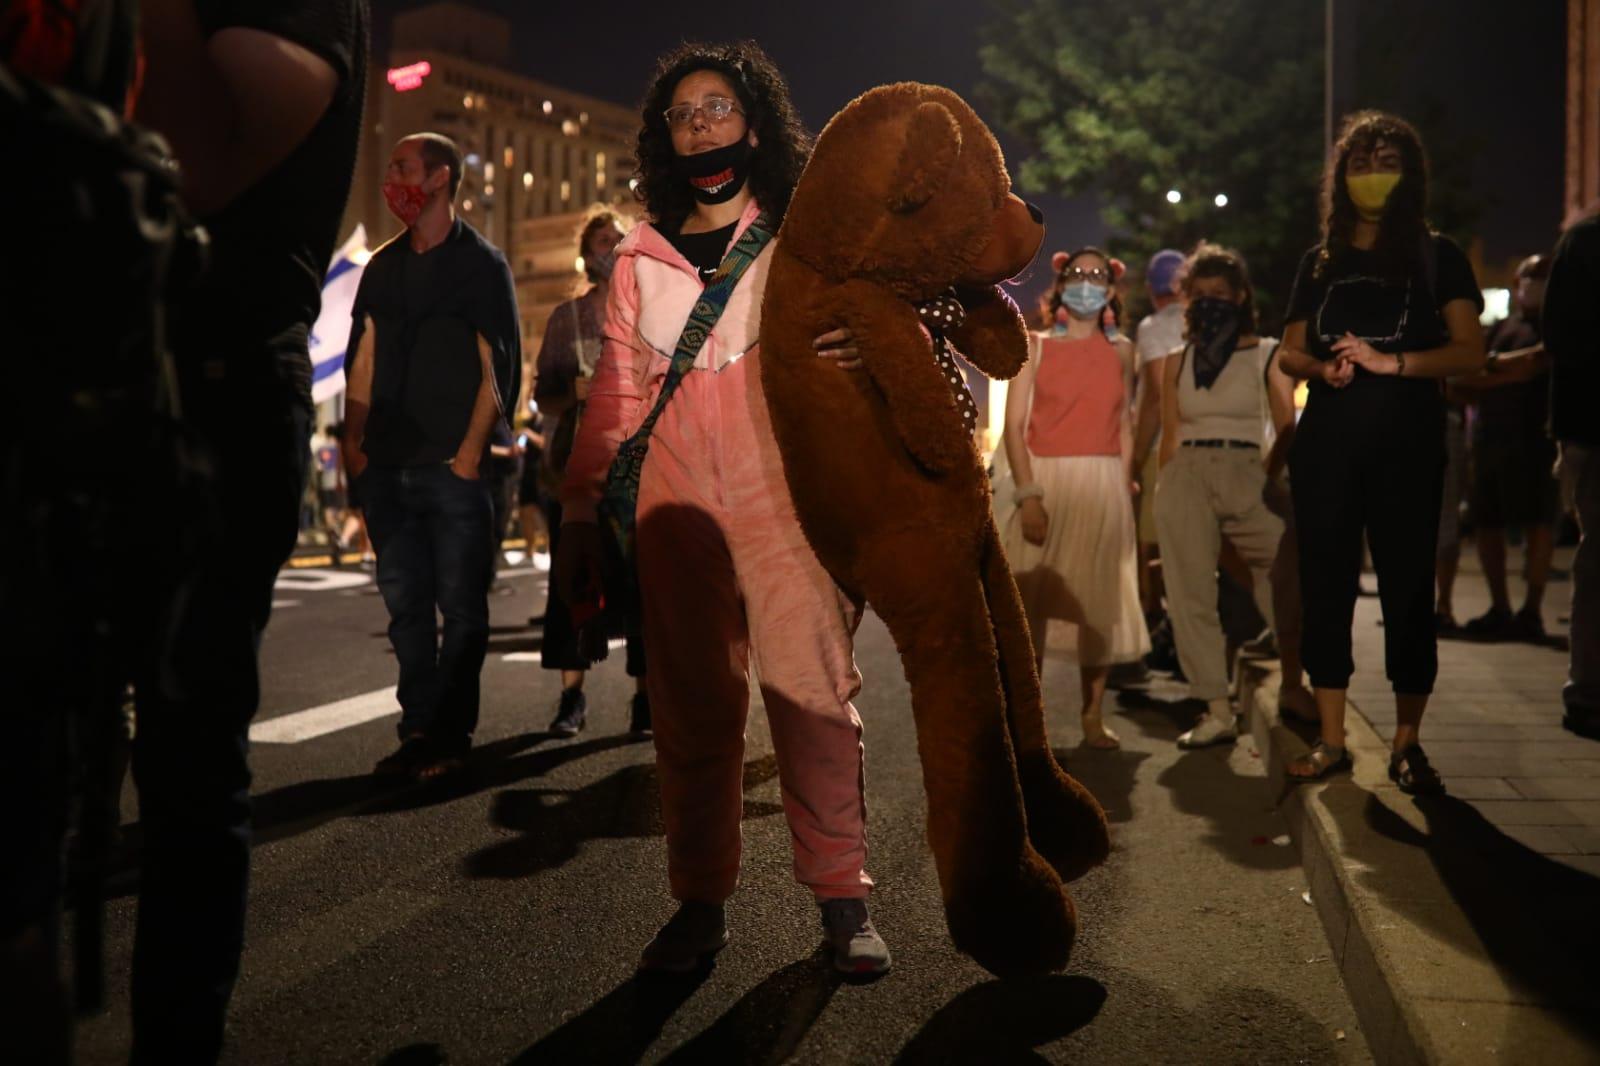 מפגינה עם דובי בבלפור 16.7.20 (צילום: אורן זיו) (צילום: אורן זיו)